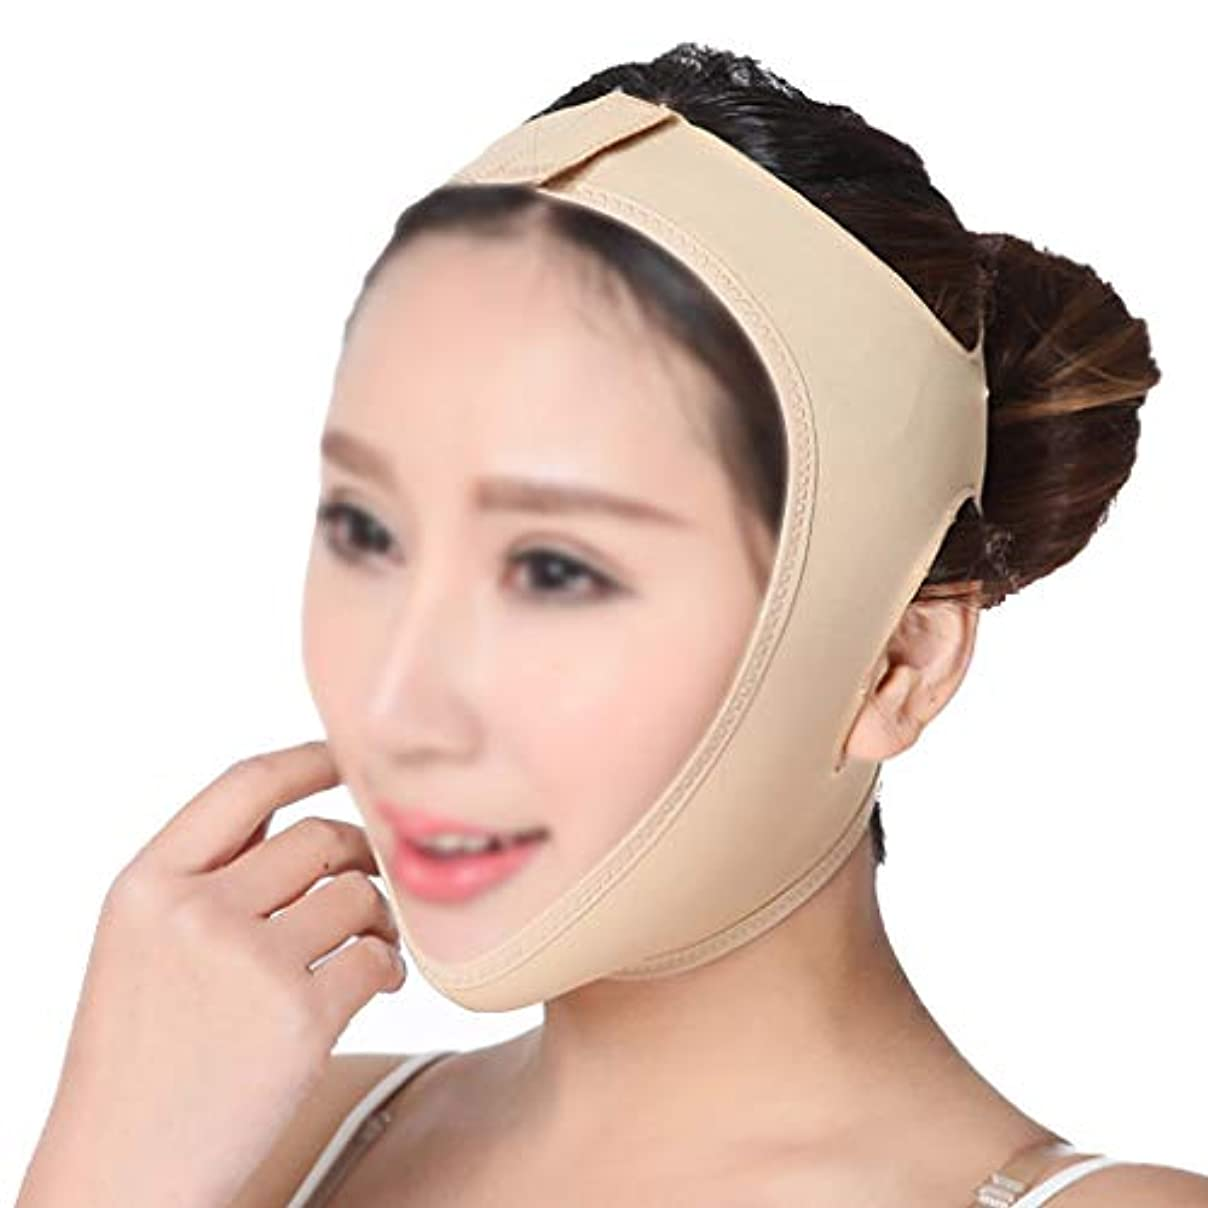 良心的地下鉄通路薄い顔包帯顔スリム二重あごを取り除くVラインの顔の形を作成するあごの頬リフトアップ抗しわを持ち上げるベルトフェイスマッサージツール (Size : S)